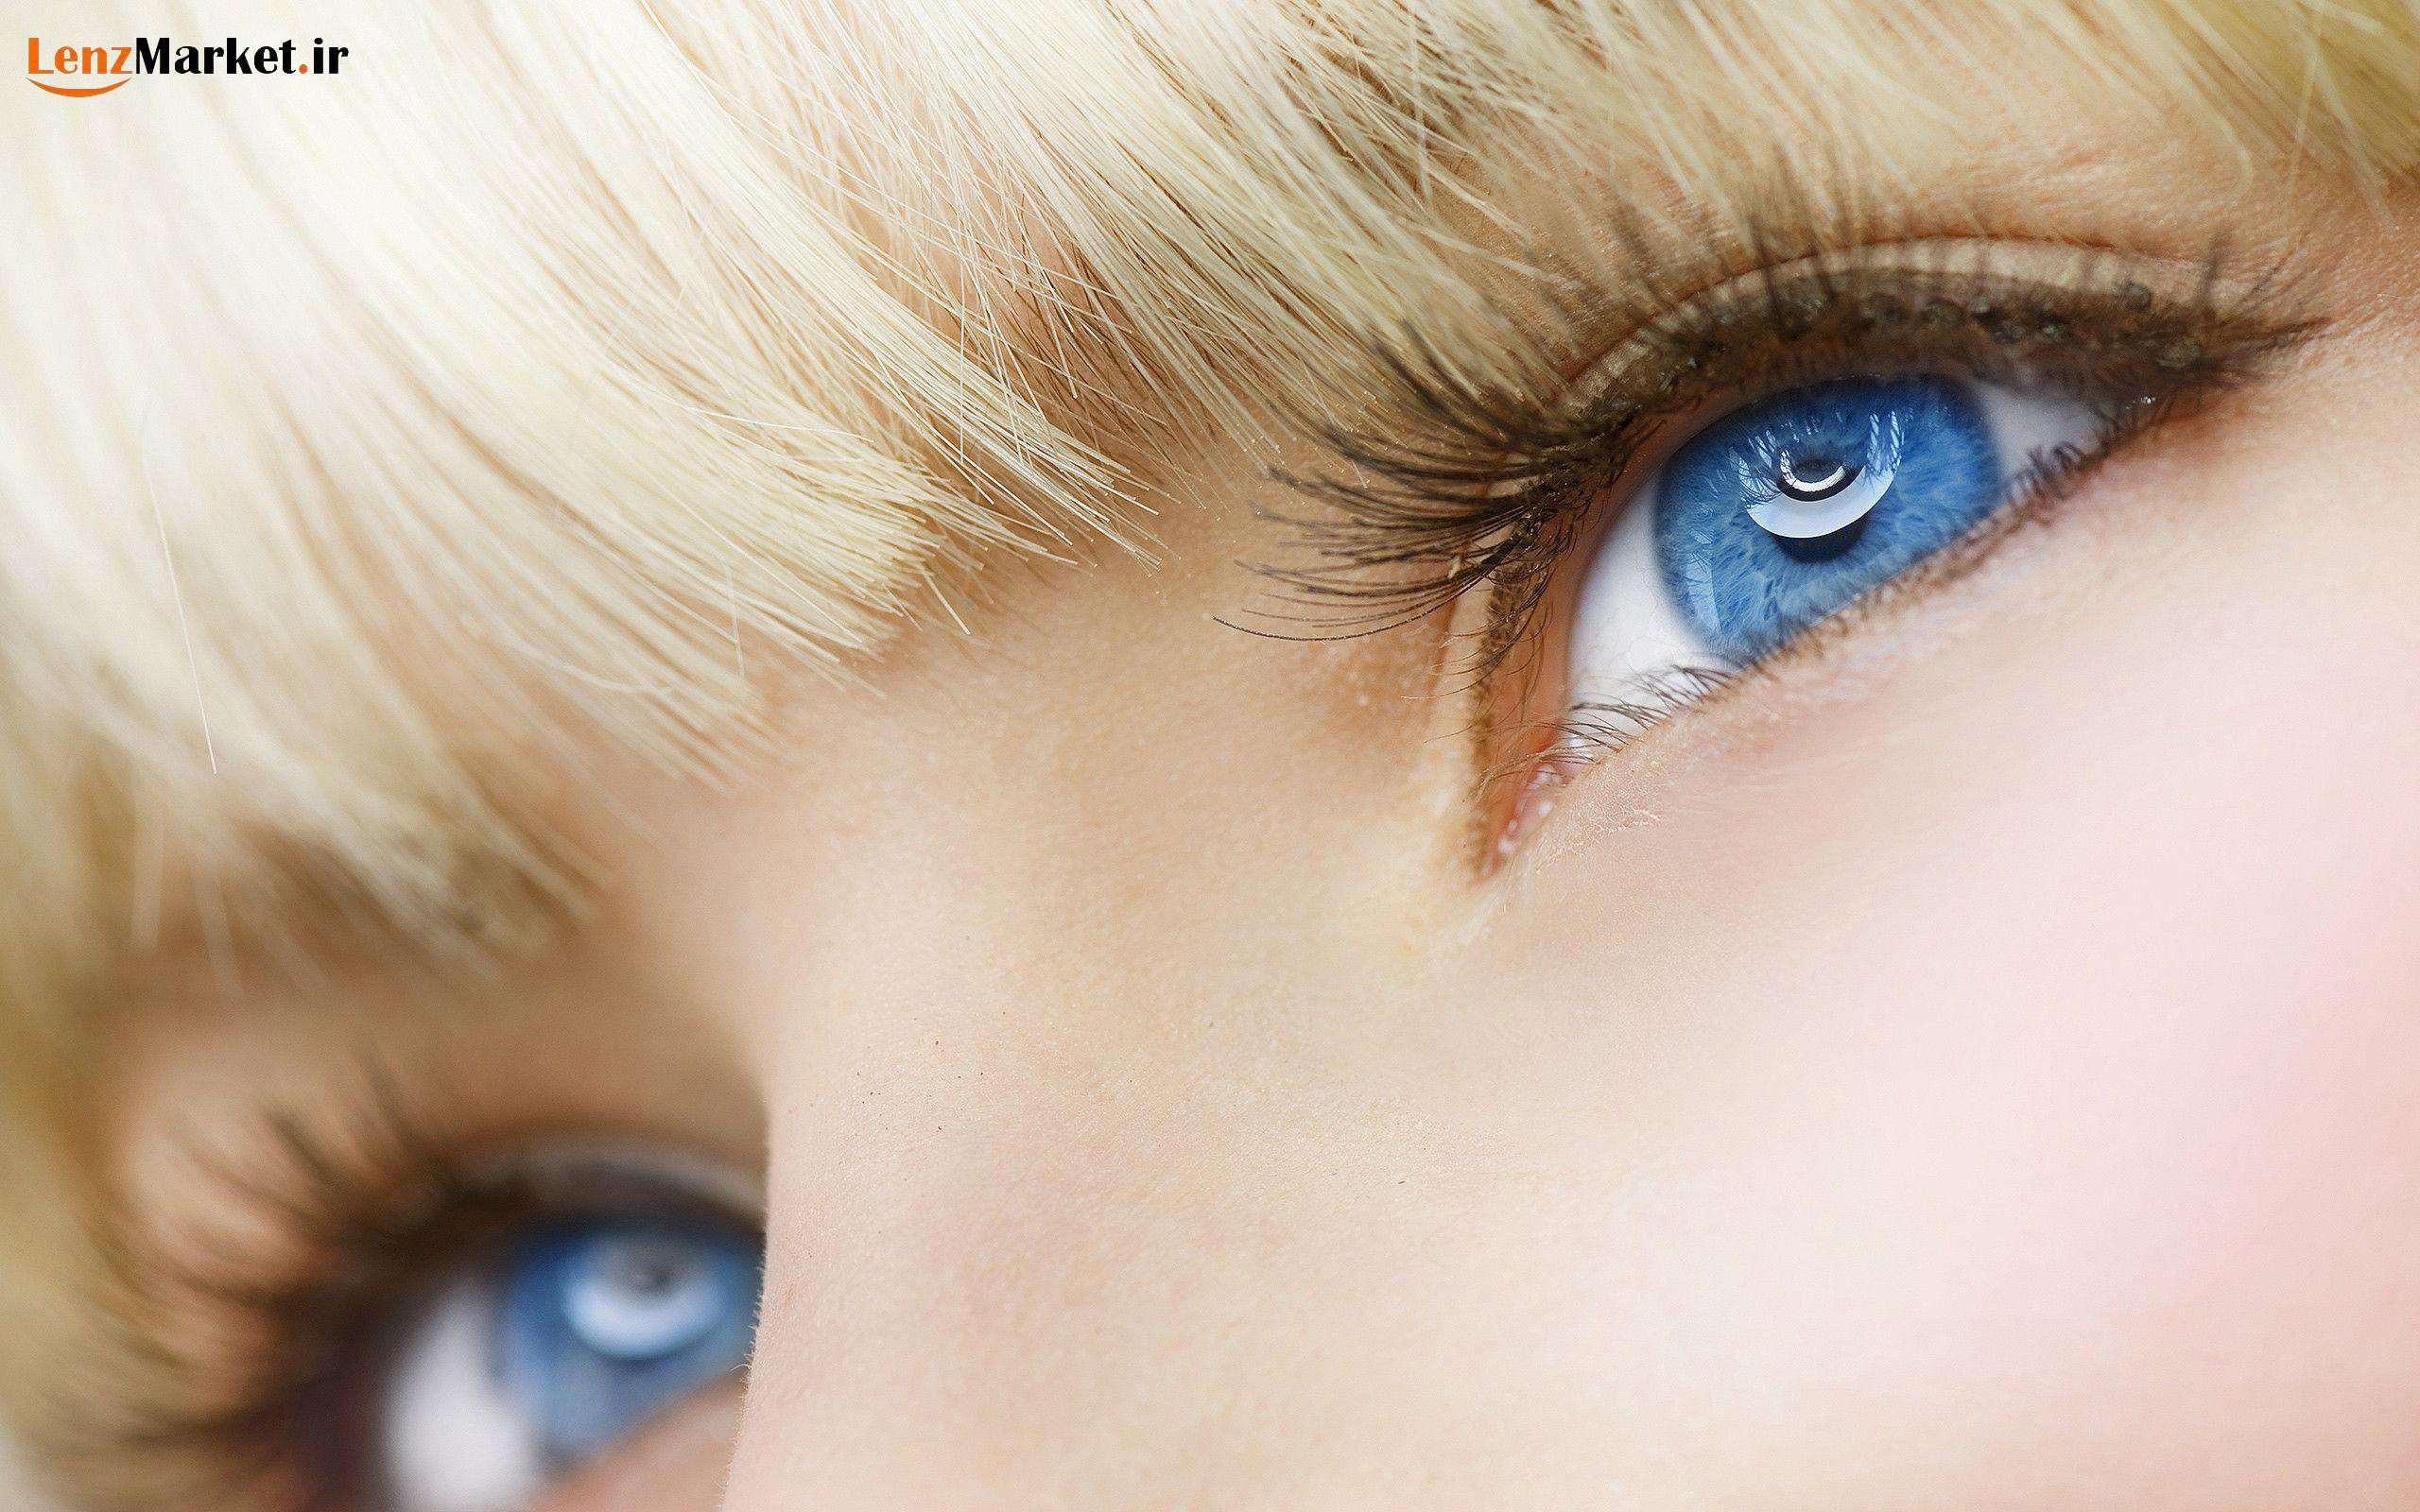 لنز آرین / قیمت لنز زیبایی